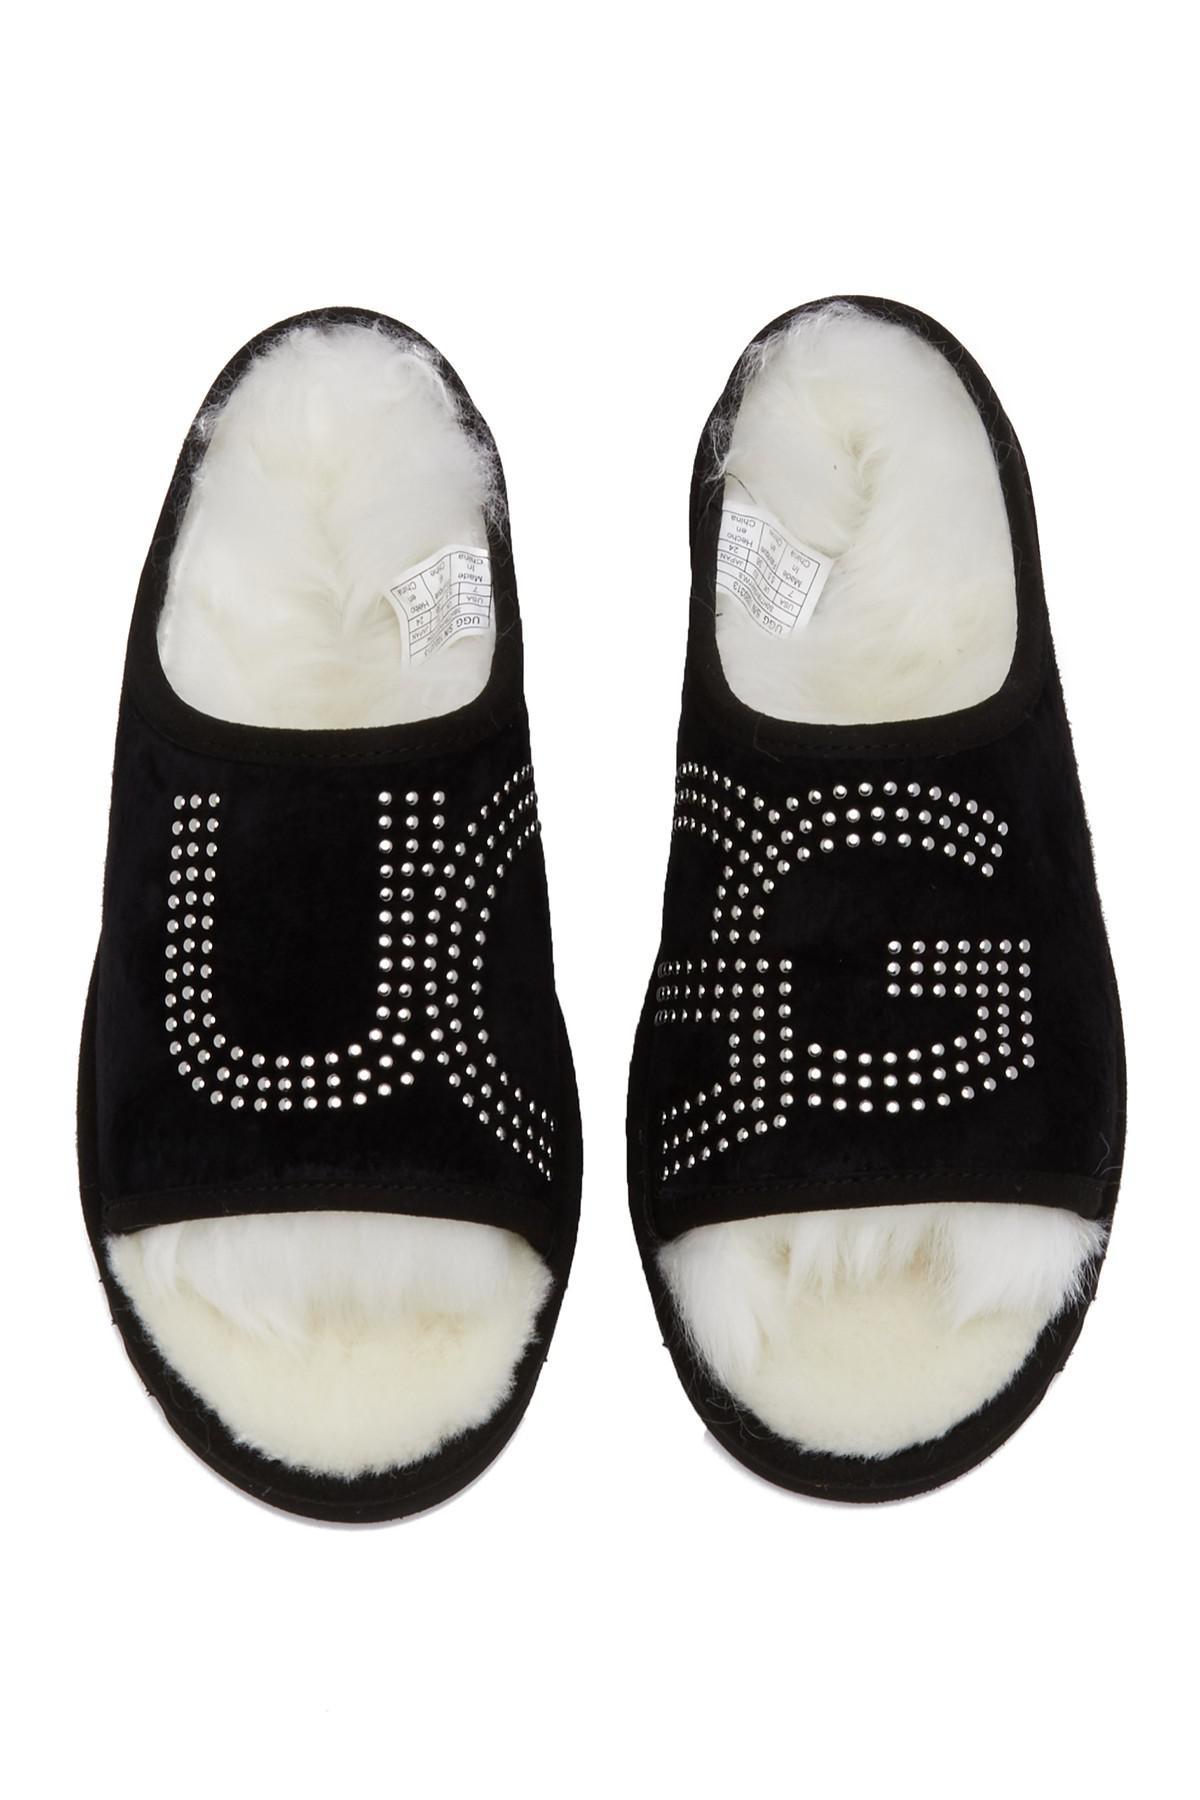 08eb05883cf Ugg Black Studded Toscana Sheepskin Lined Slide